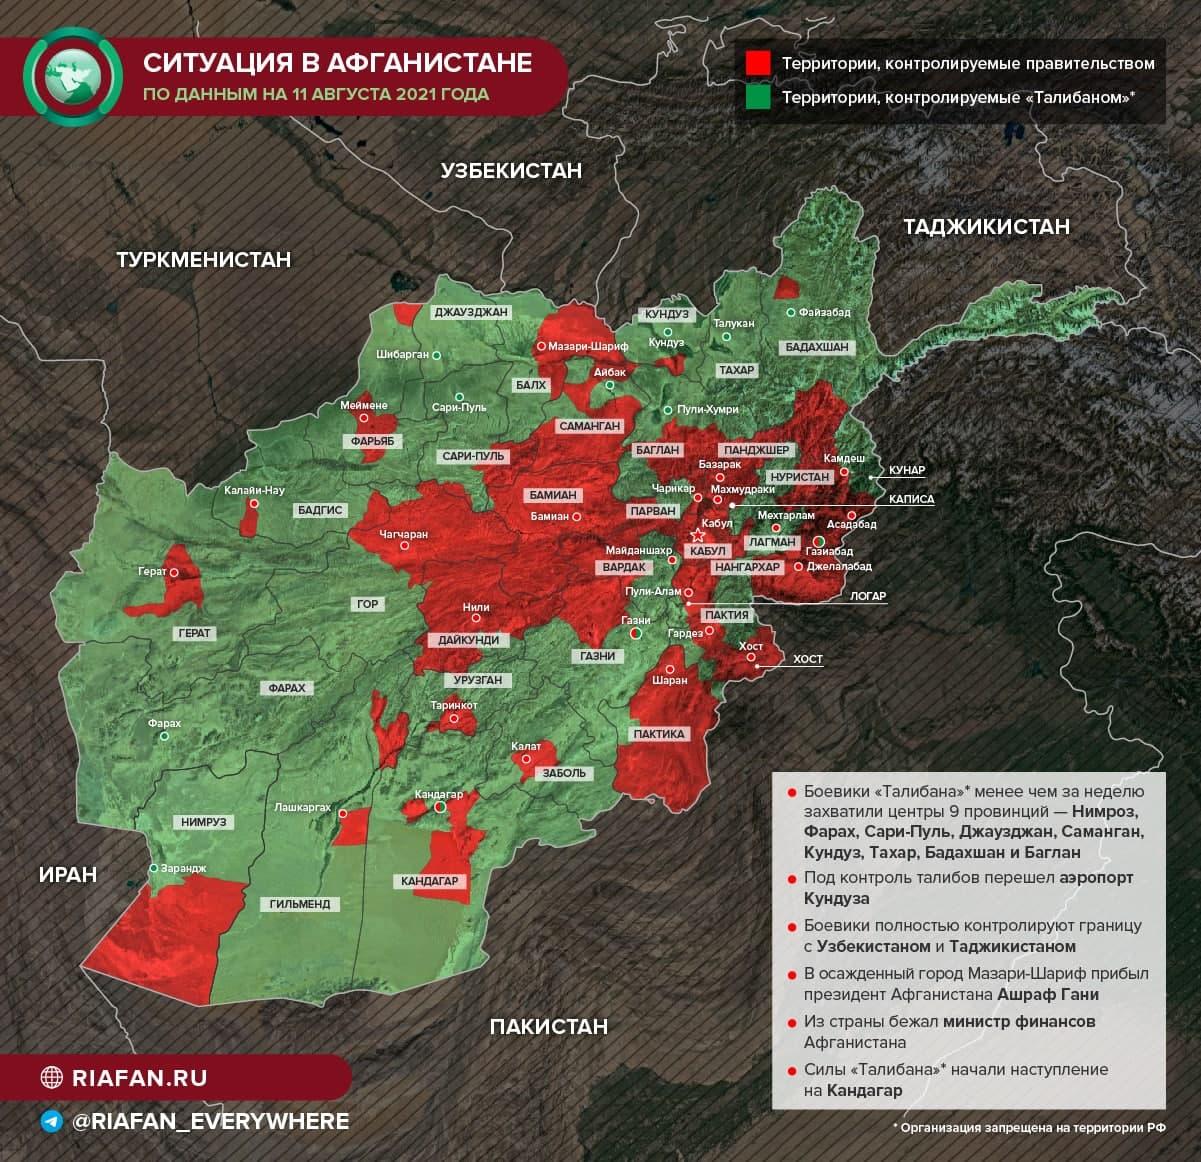 Талибы находятся в 130 километрах от Кабула — Associated Press